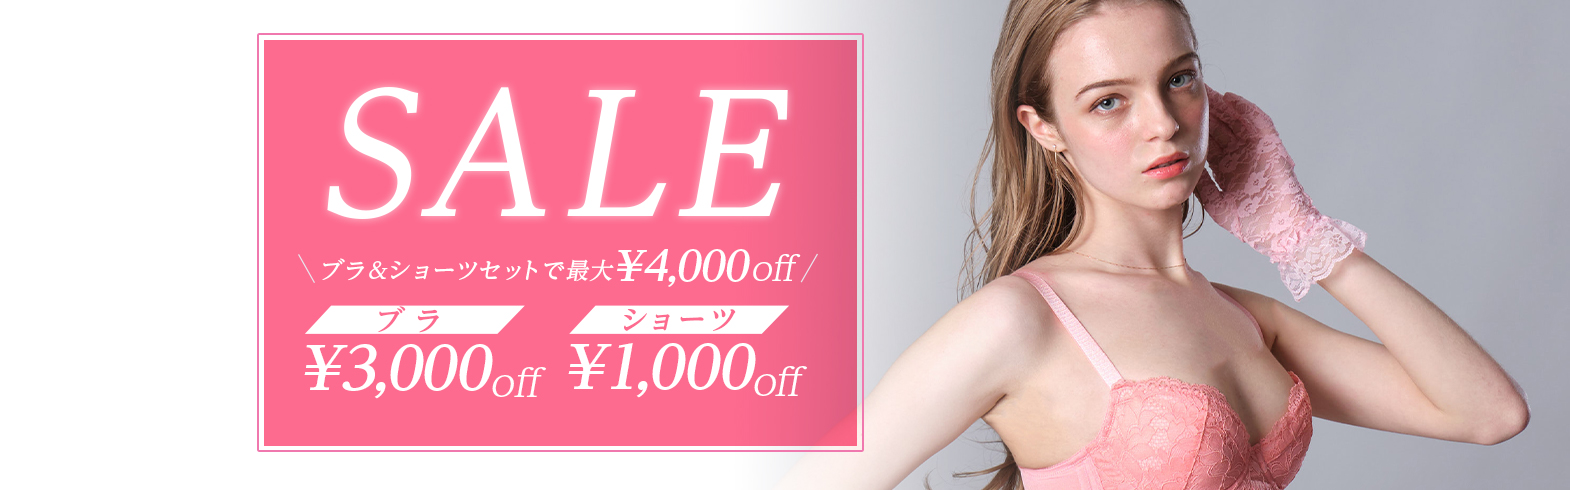 500円クーポンキャンペーン